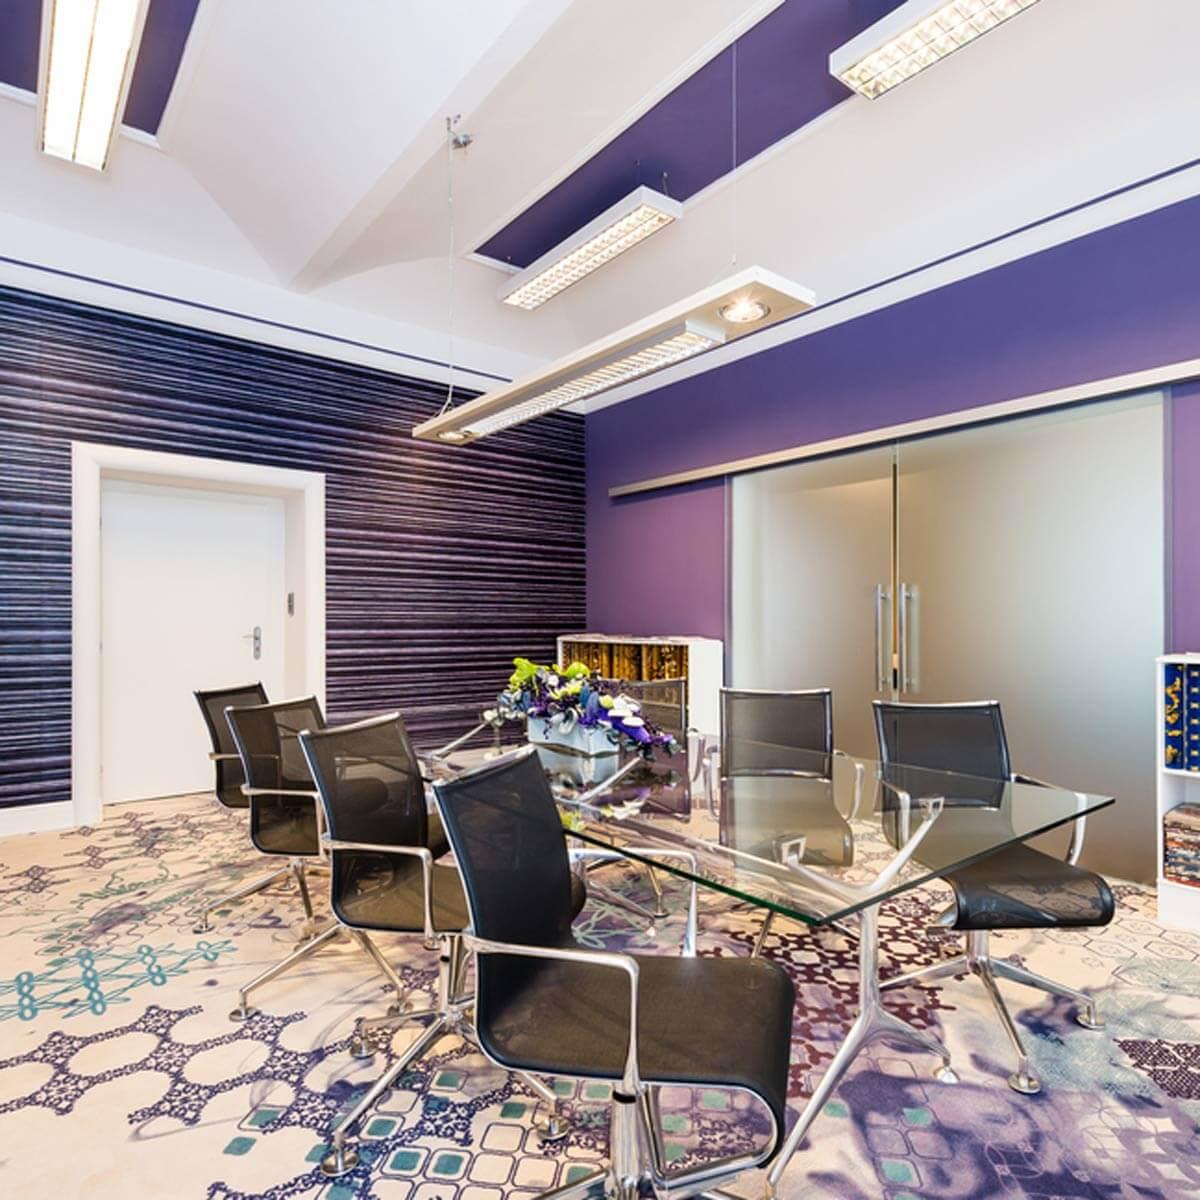 Thiết kế văn phòng lãng mạn với sơn tường màu tím